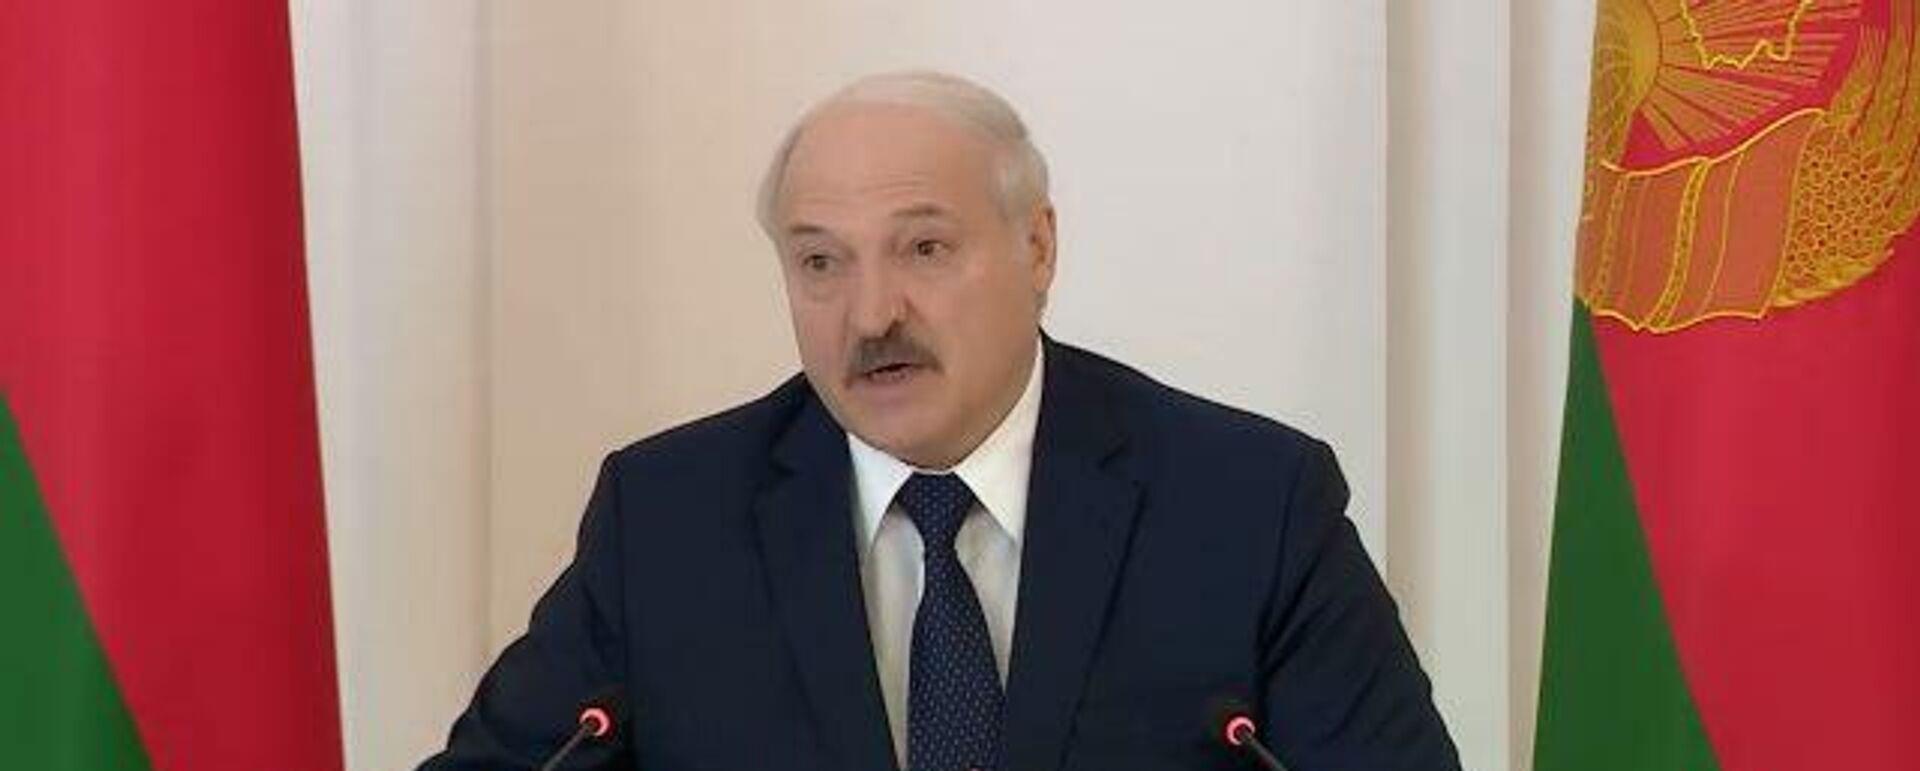 Лукашенко рассказал, какие документы привез на встречу с Путиным - Sputnik Латвия, 1920, 01.06.2021